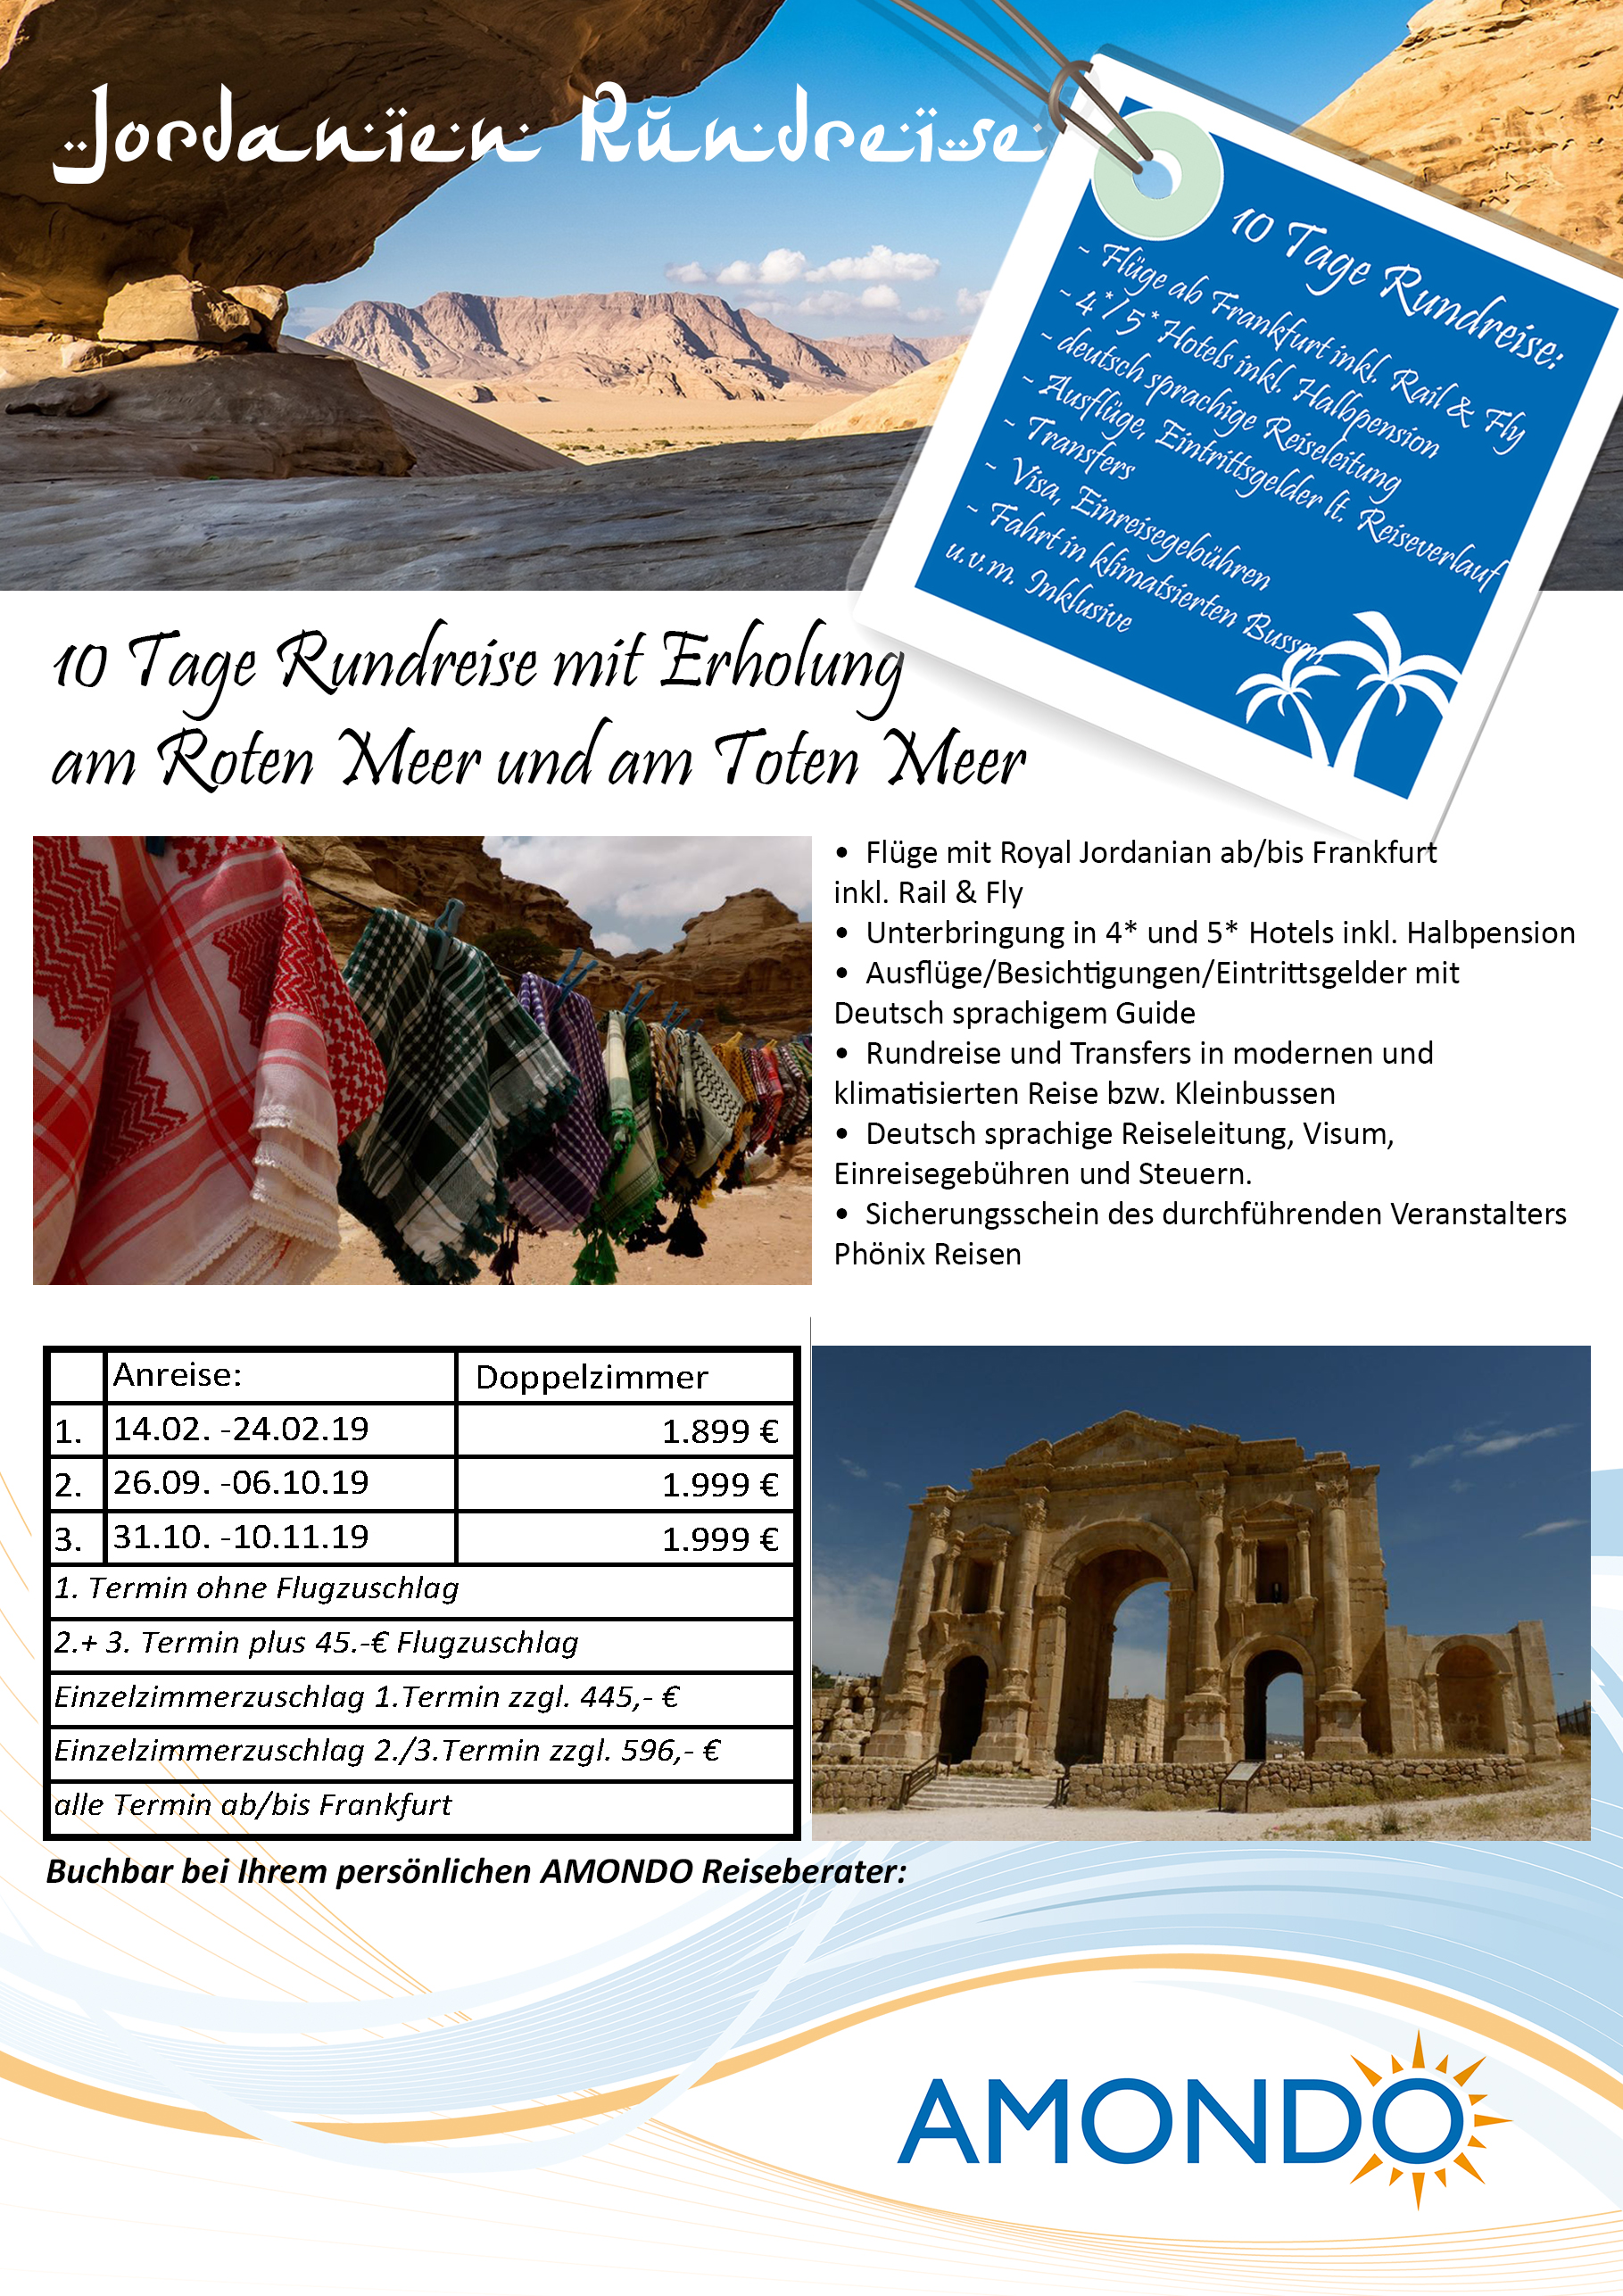 AMONDO Jordanienreise